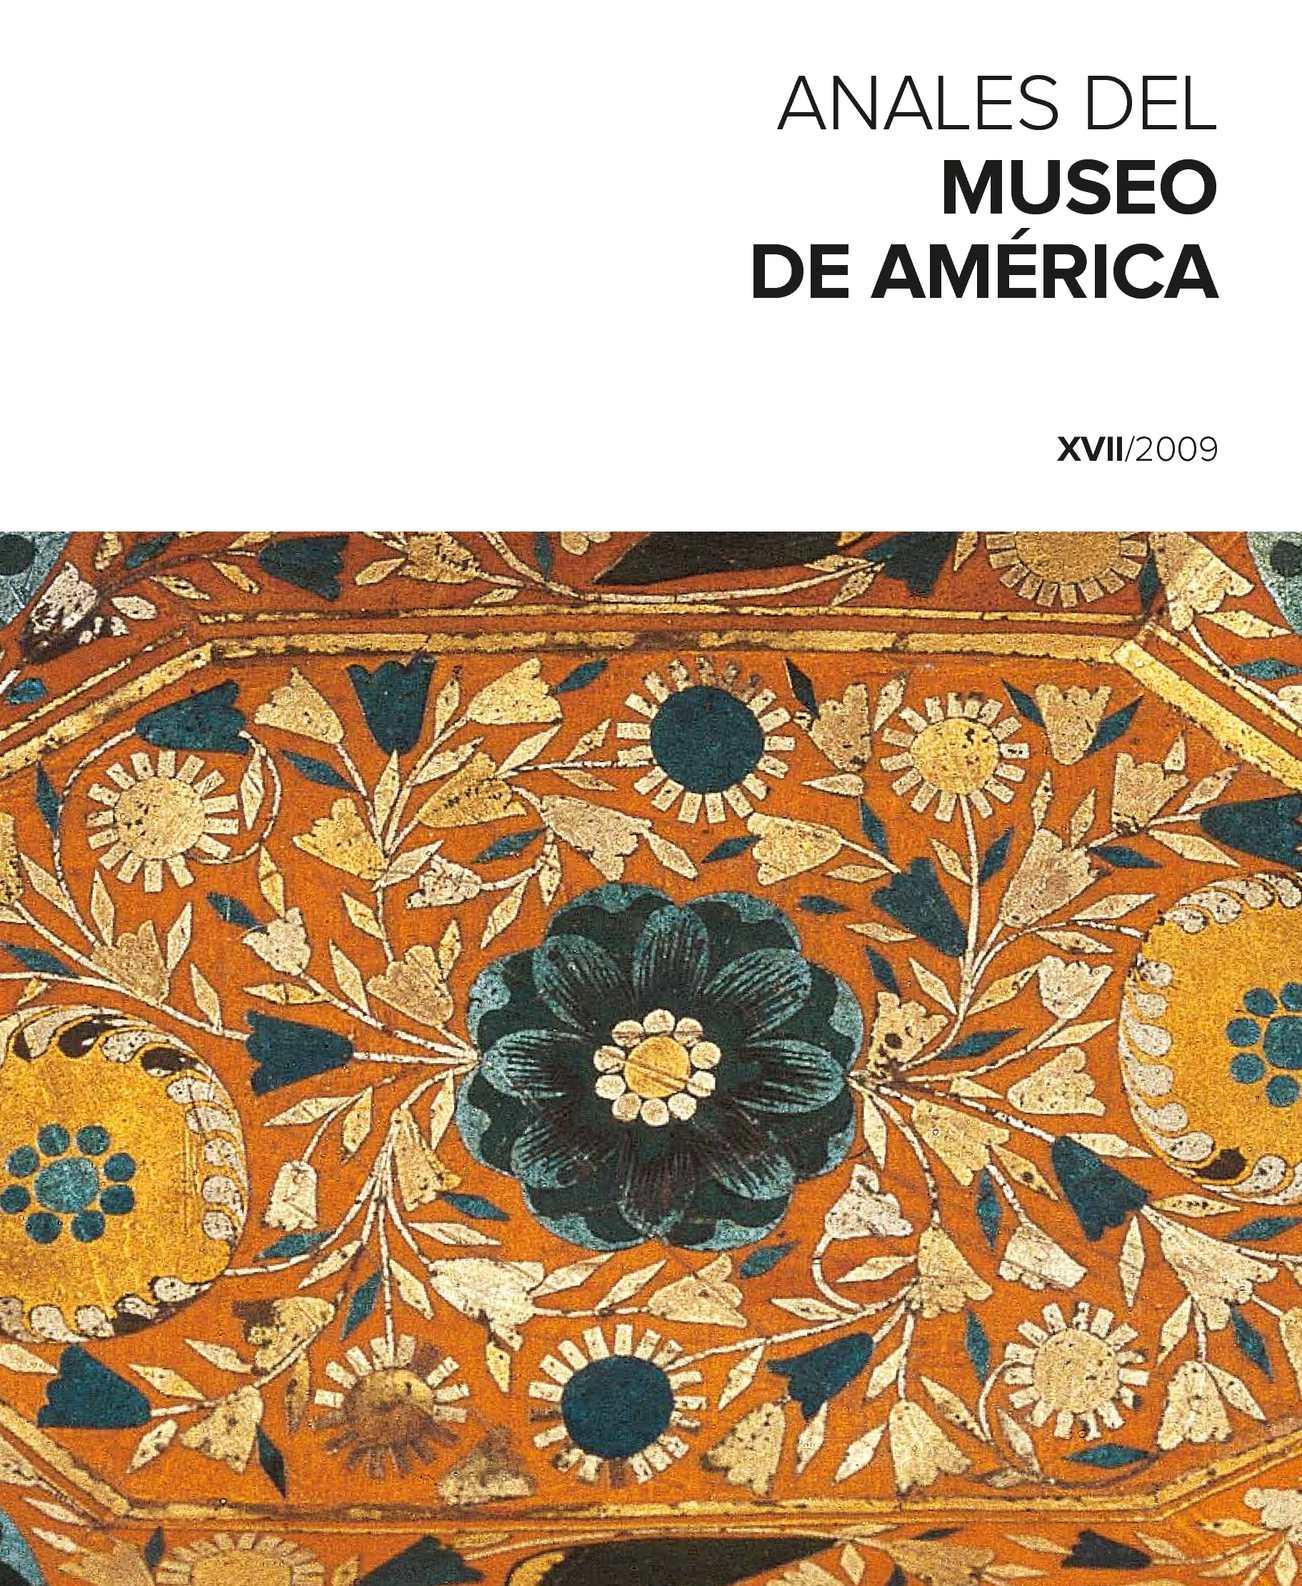 Calaméo - Anales del Museo de América. XVII/2009